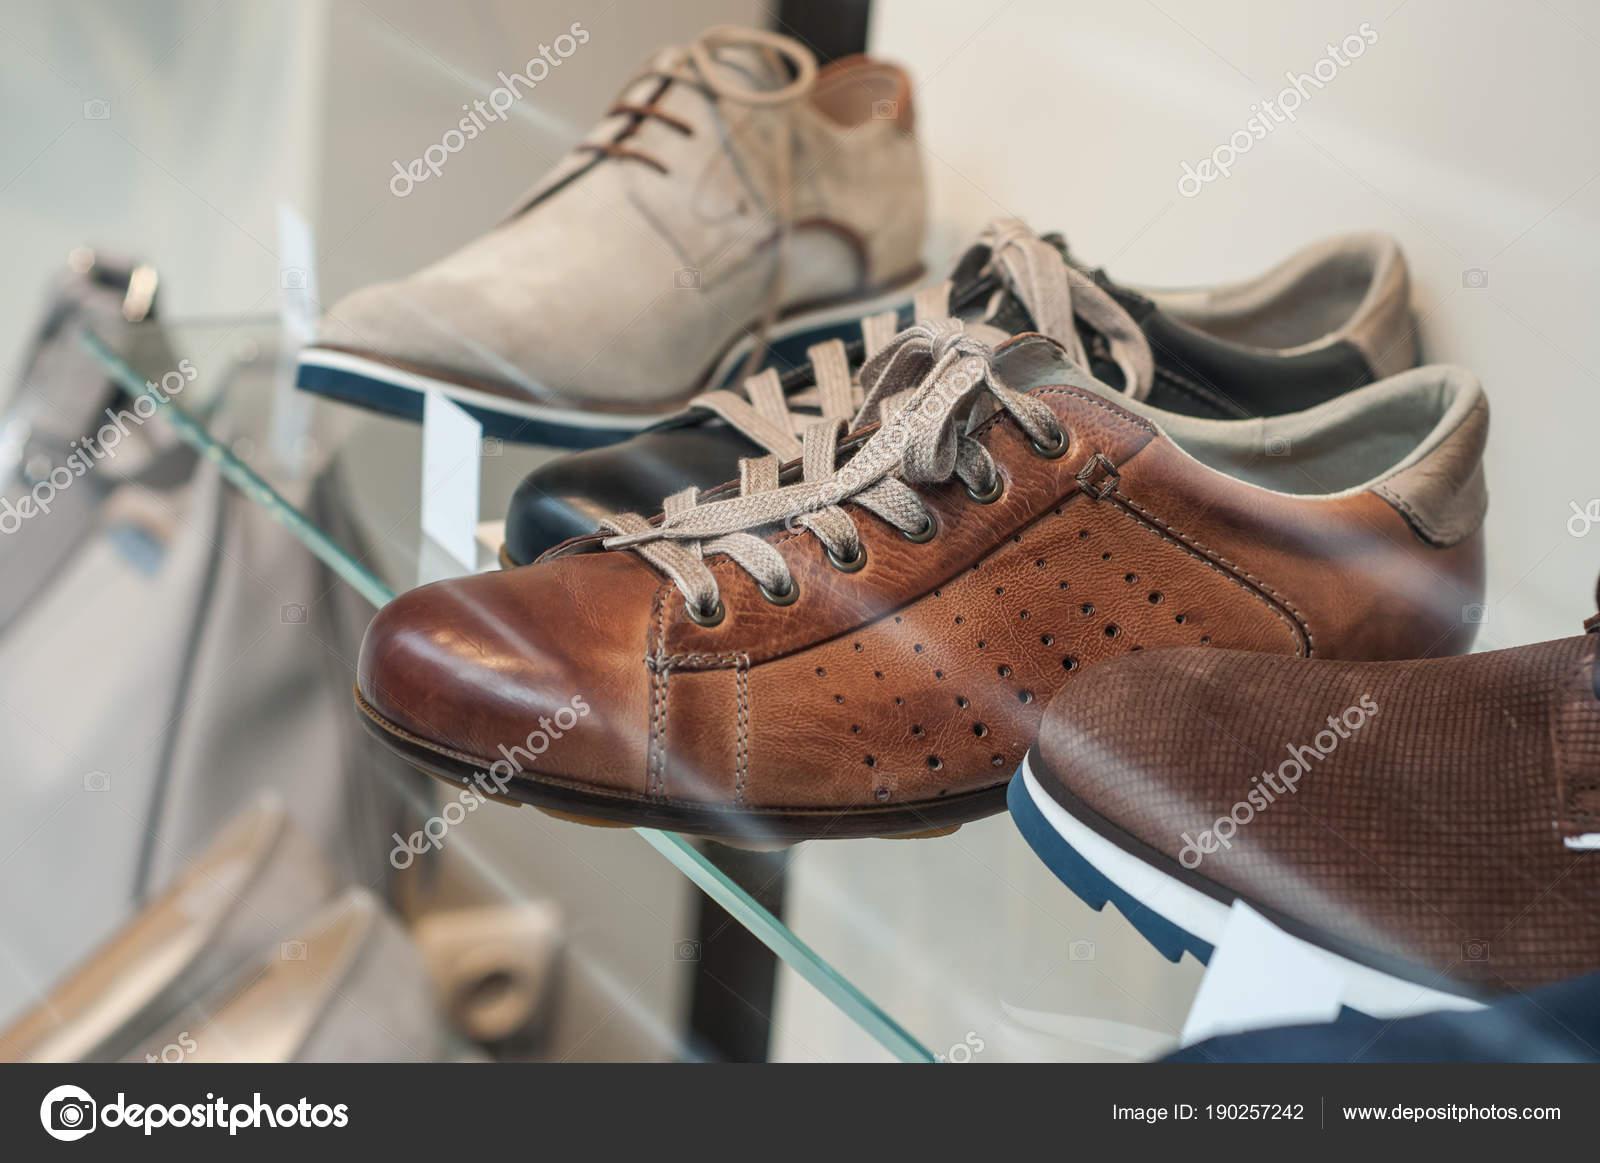 50c522037 Closeup clásica de zapatos de cuero para hombres de moda tienda showroom —  Foto de ...